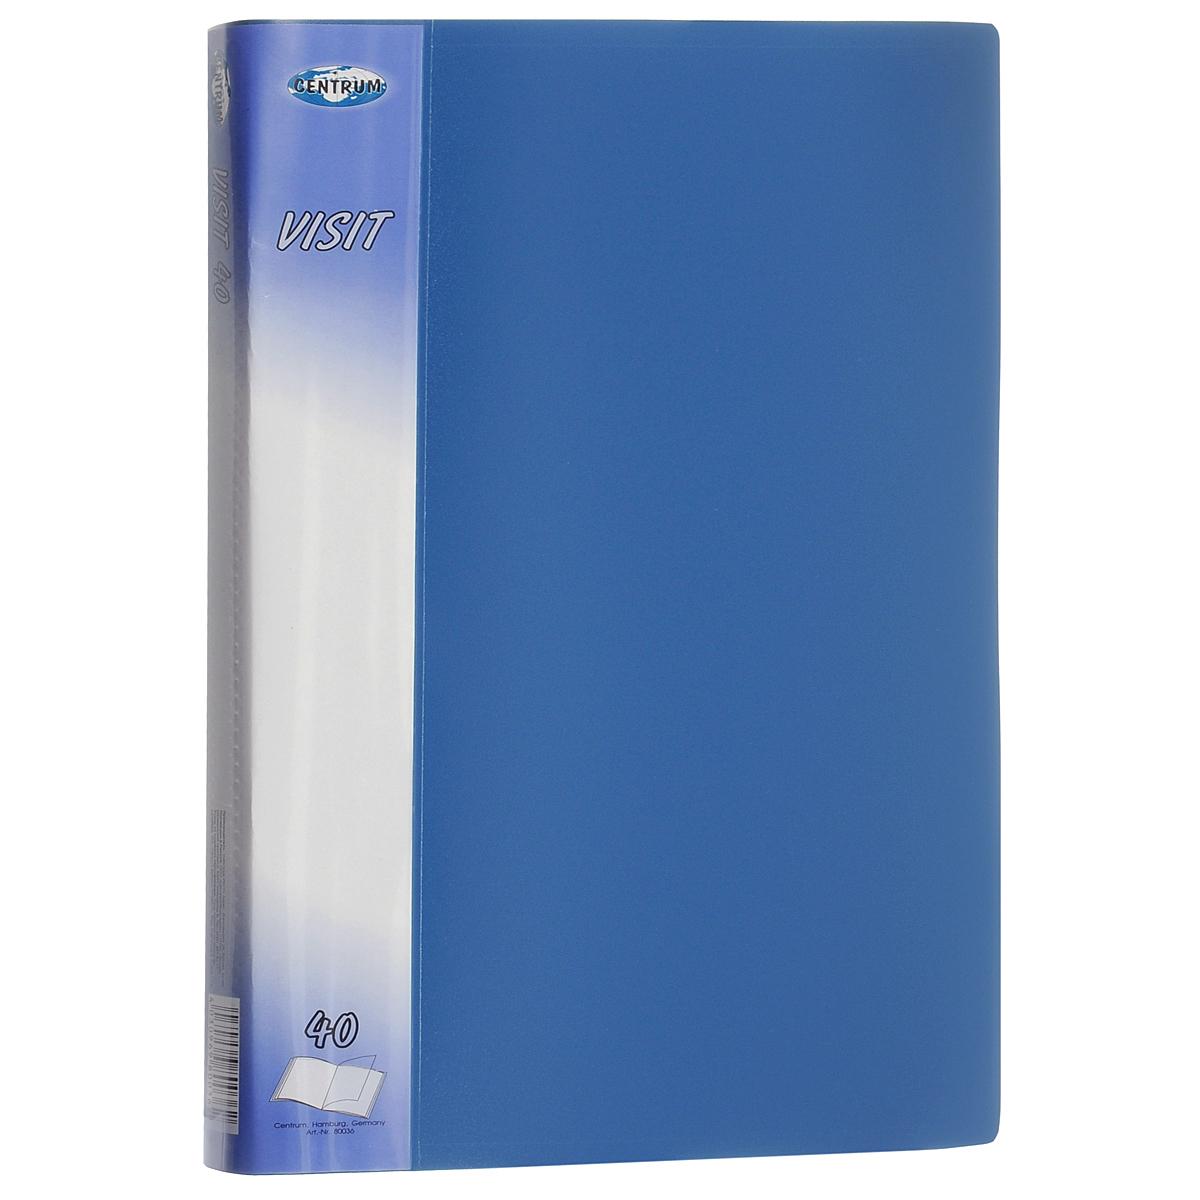 Папка Centrum Visit, 40 файлов, цвет: голубой. Формат А480036СПапка Centrum Visit - это удобный и функциональный офисный инструмент, предназначенный для хранения и транспортировки бумаг и документов формата А4. Обложка папки изготовлена из износостойкого непрозрачного пластика повышенной плотности и включает в себя 40 вкладышей-файлов формата А4. Папка имеет опрятный и неброский вид. Уголки папки закруглены, что предотвращает их загибание и надолго обеспечивает опрятный вид папки. Папка - это незаменимый атрибут для студента, школьника, офисного работника. Такая папка надежно сохранит ваши документы и сбережет их от повреждений, пыли и влаги.